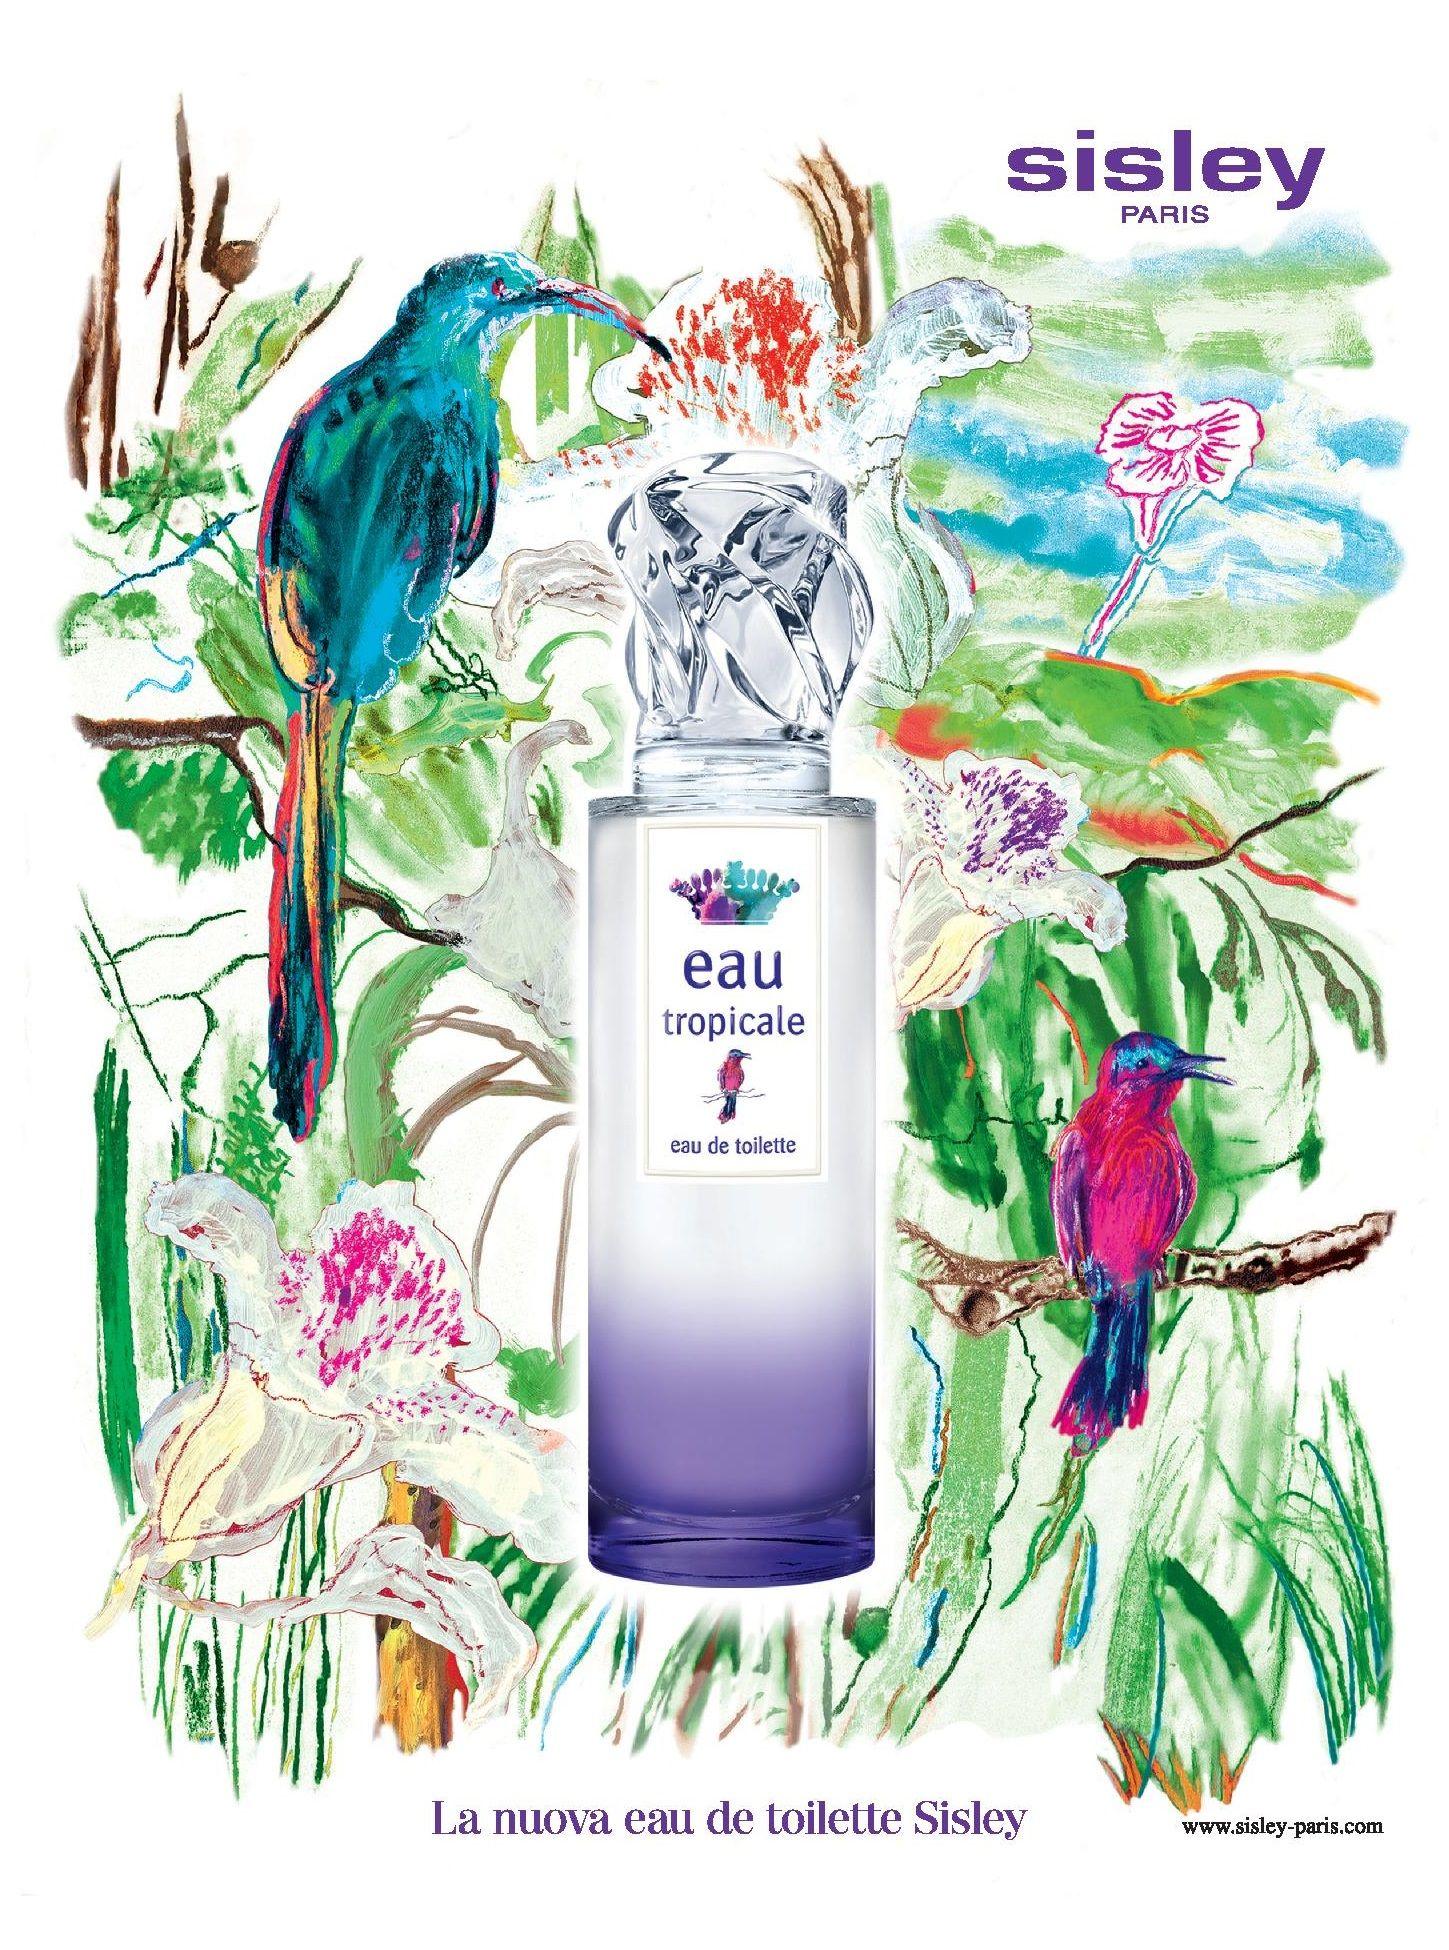 Sisley Eau Tropicale | Eau de toilette, Bouteille de parfum, Tropical